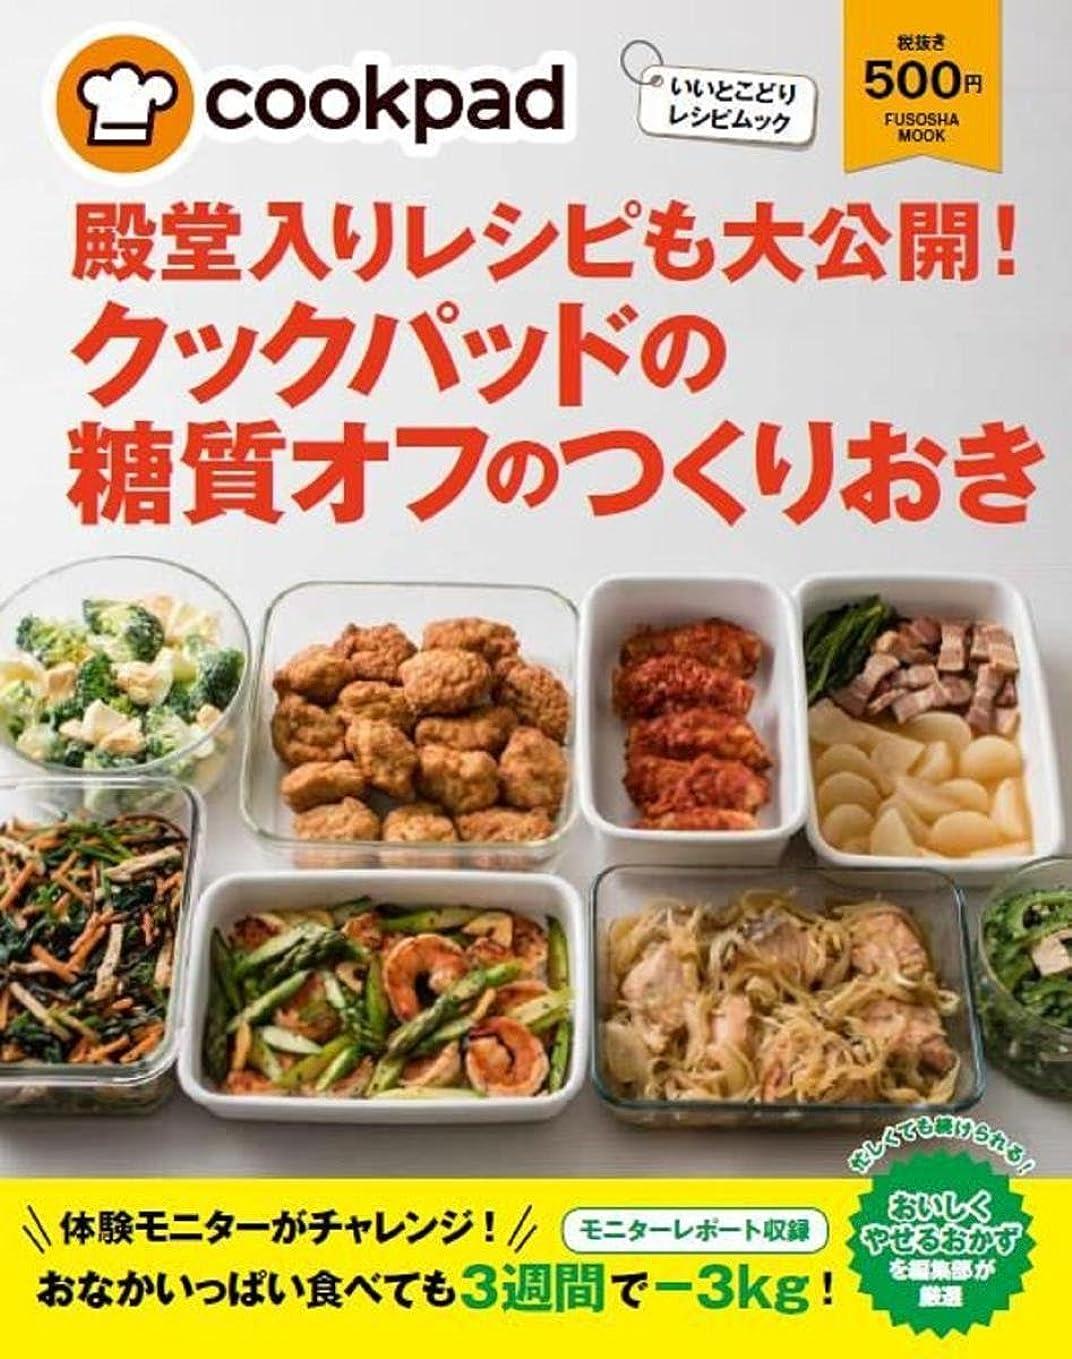 付属品損失絶壁ニッカウヰスキー アレンジレシピ - ブラックニッカでつくる92品 - (ミニCOOKシリーズ)